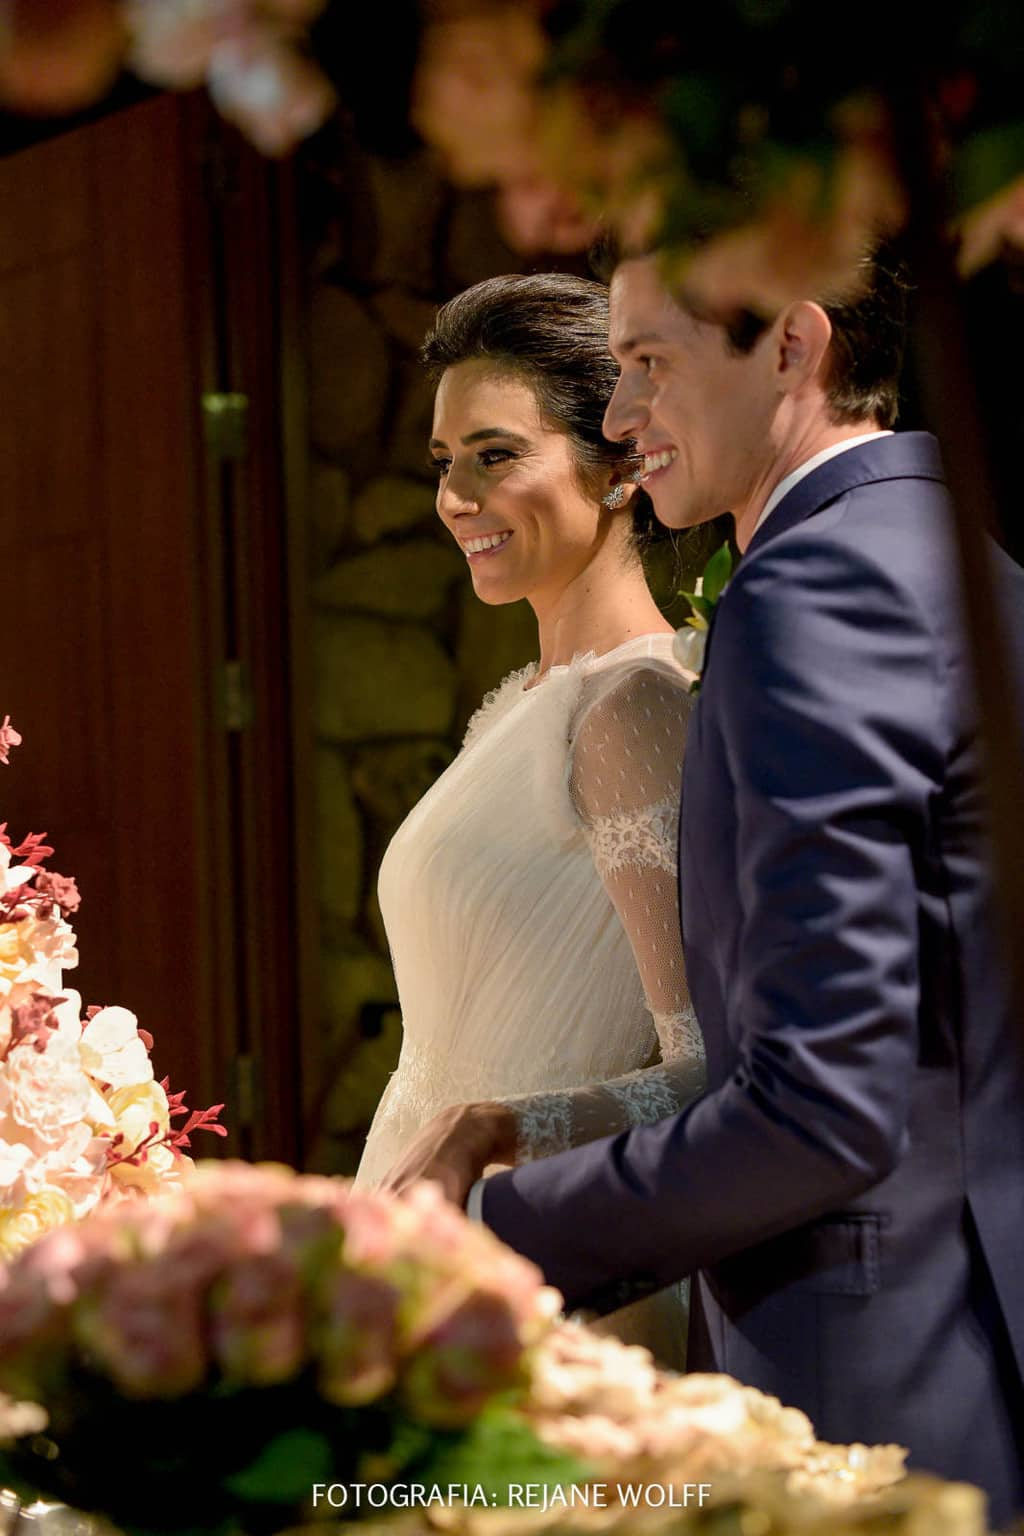 Casamento-Verane-e-Bruno-fotografia-Rejane-Wolff-hora-do-buque-Rej-Terras-de-Clara32